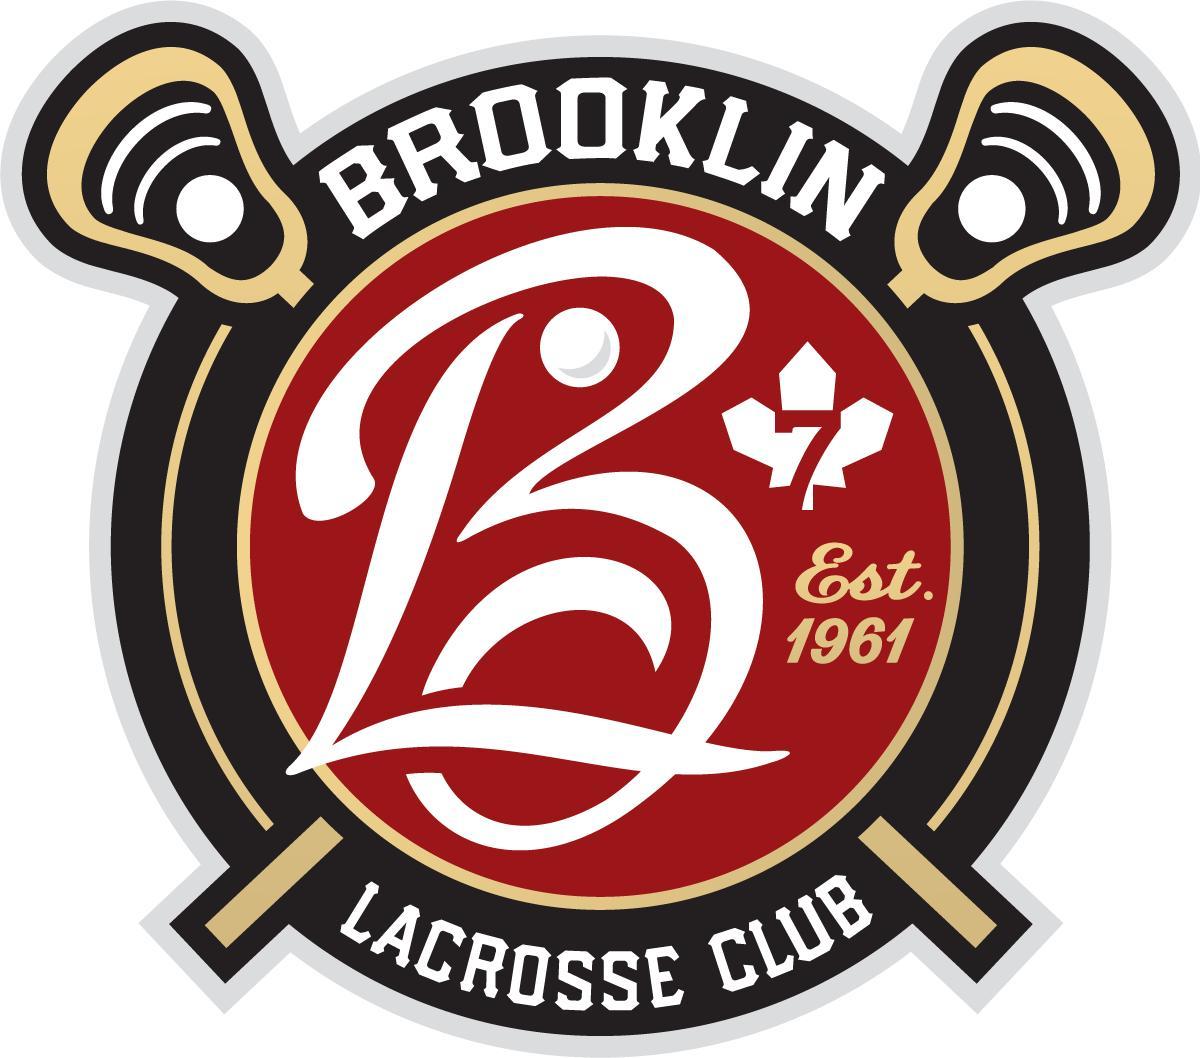 Brooklin Lacrosse Club